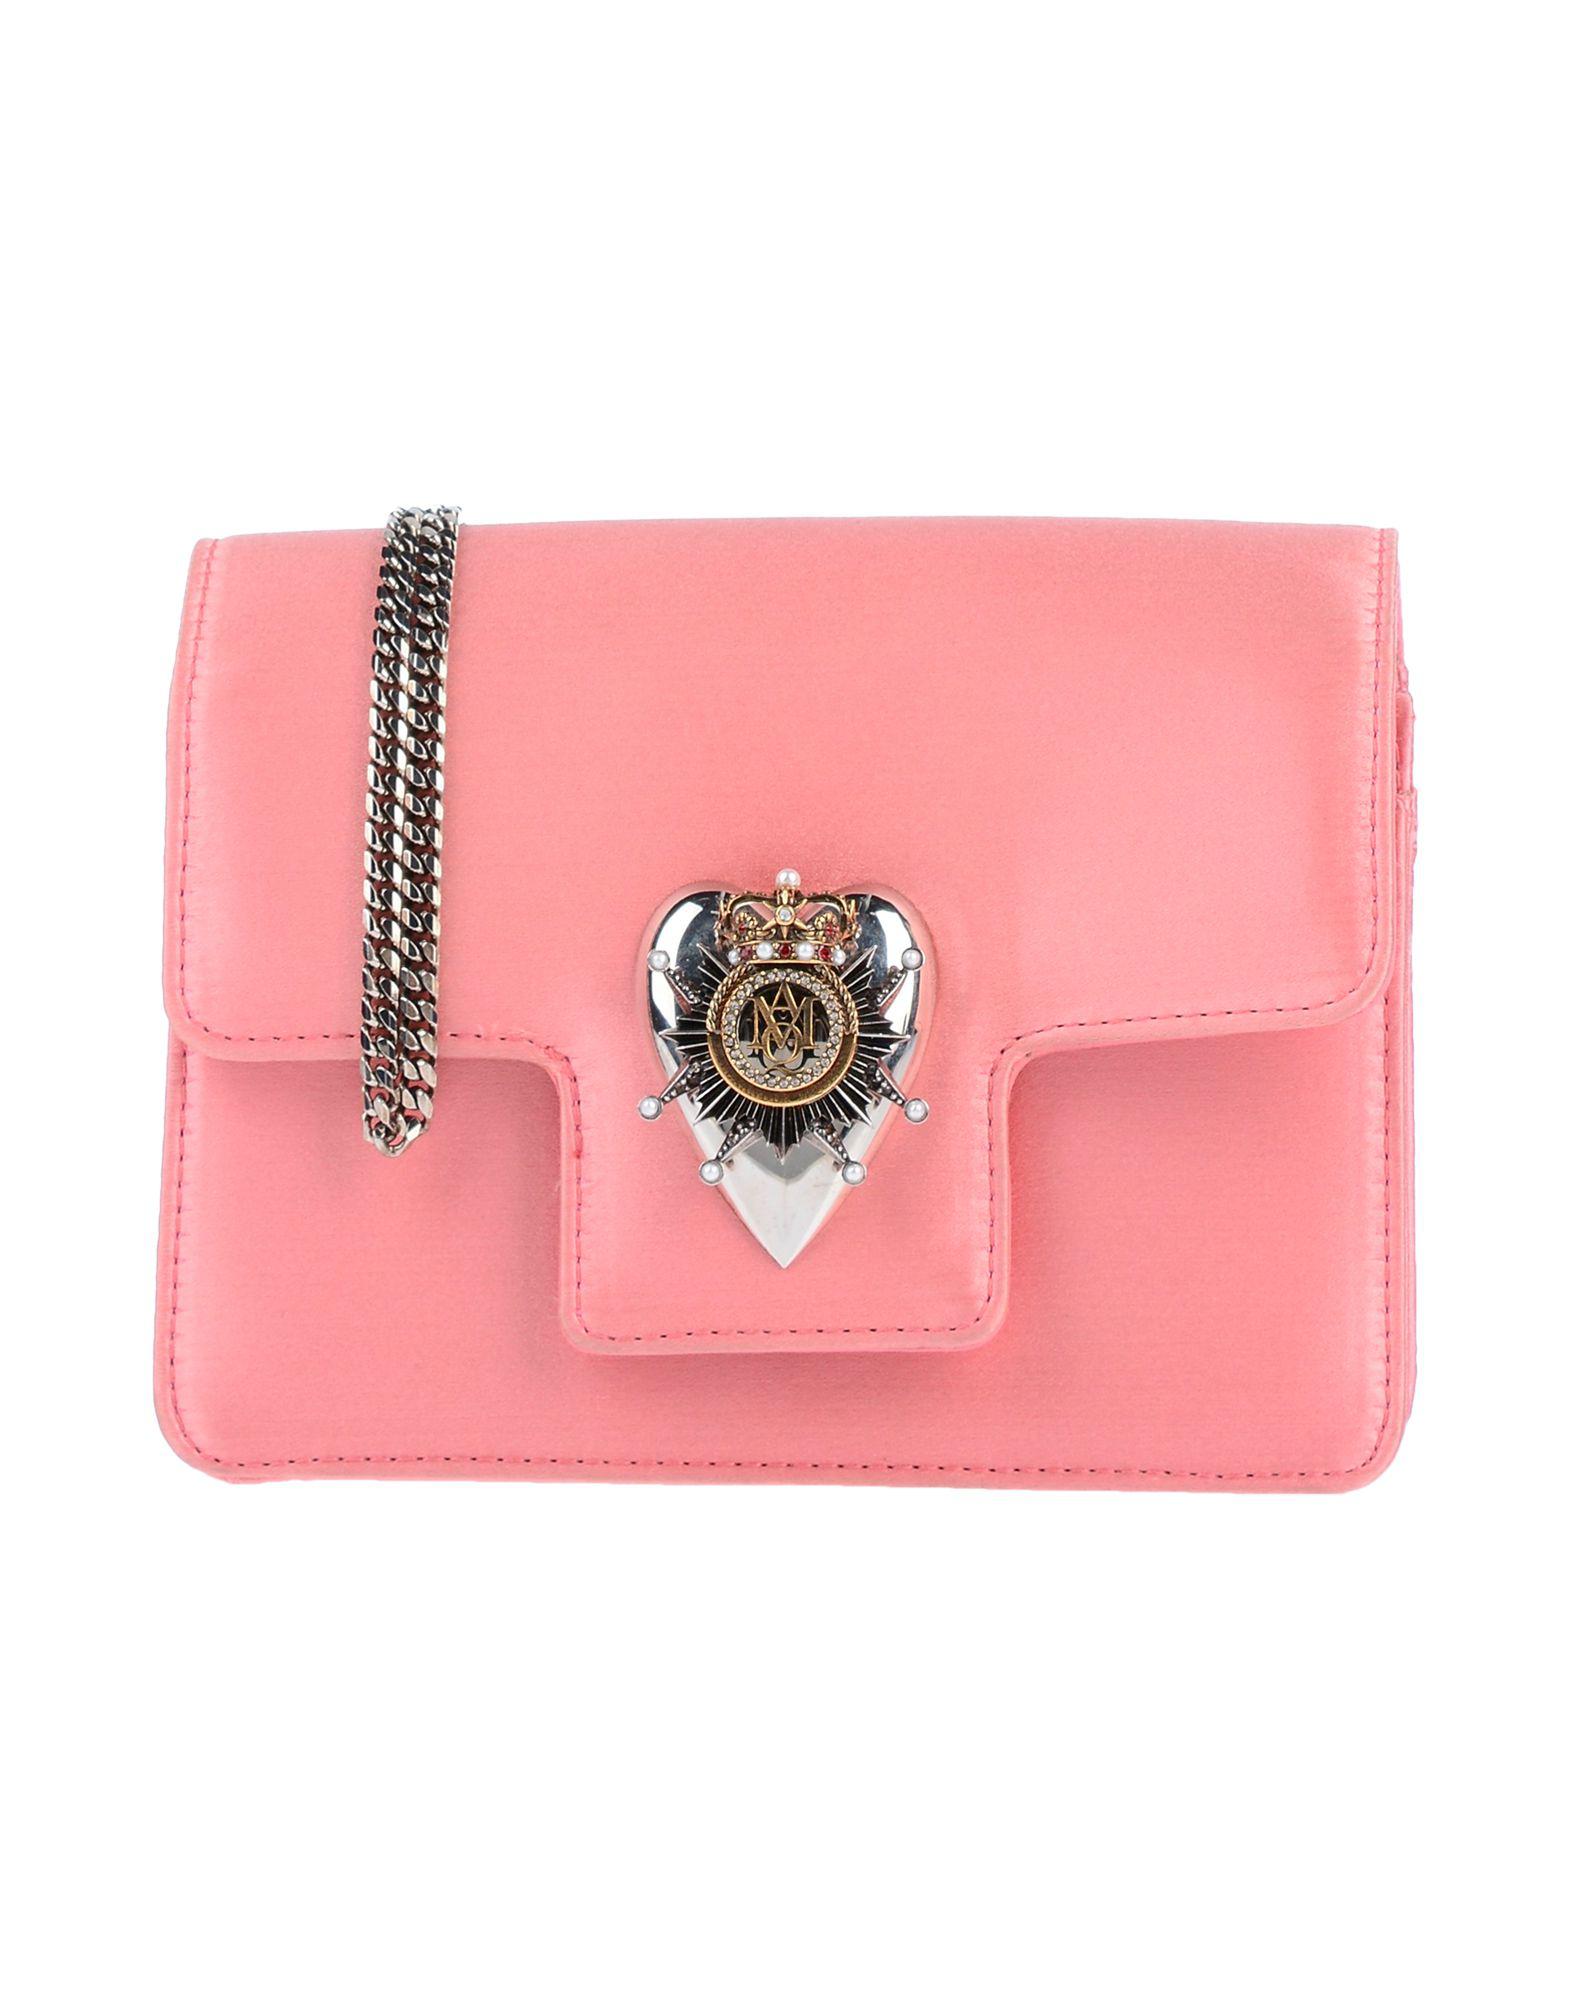 Alexander Mcqueen Handbags In Pink | ModeSens